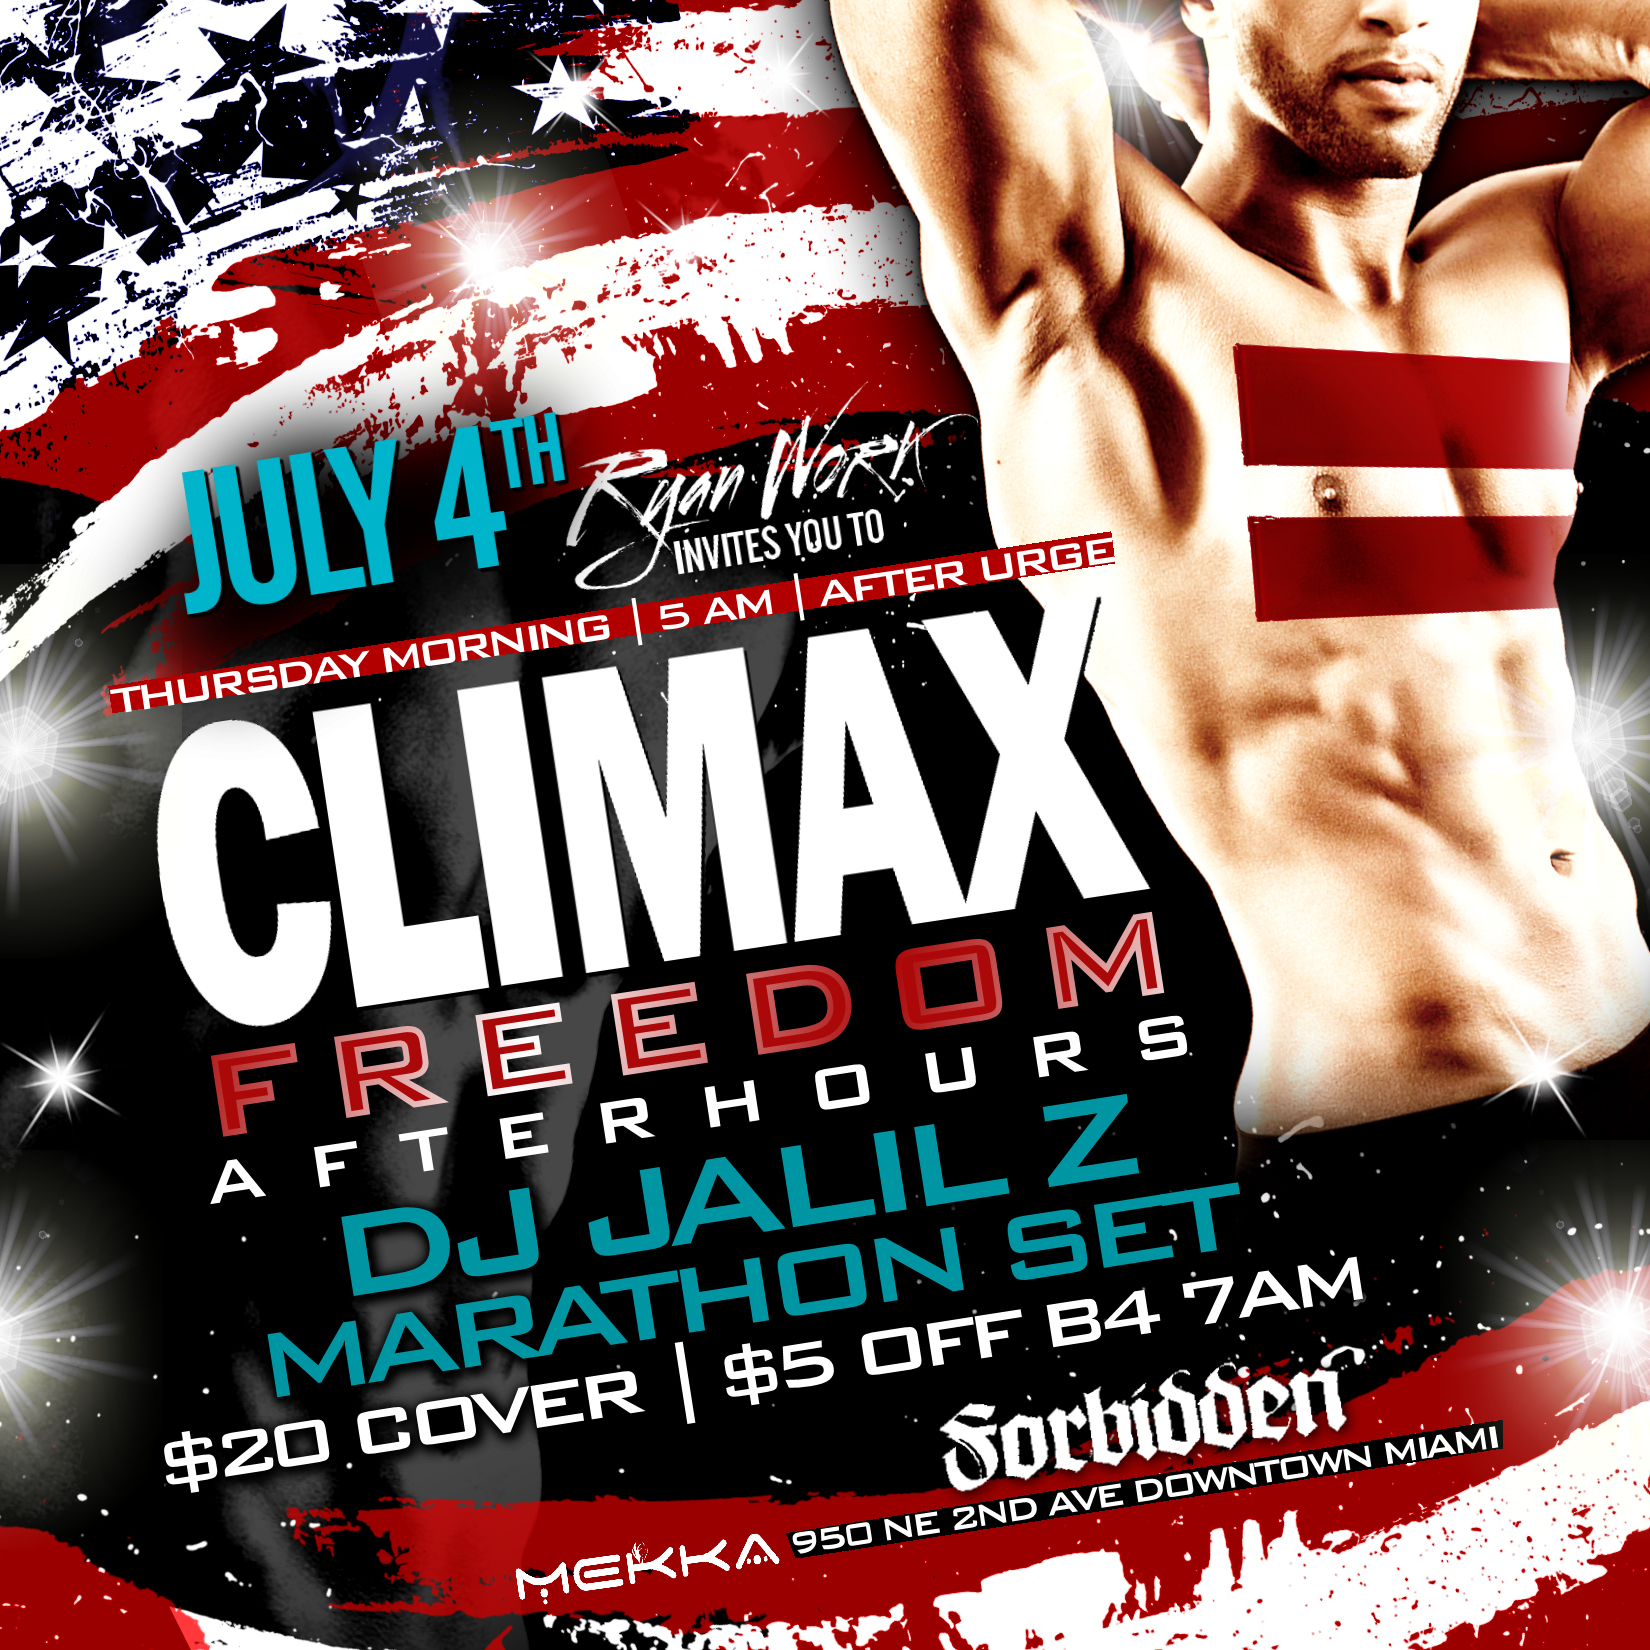 dj climax set it off